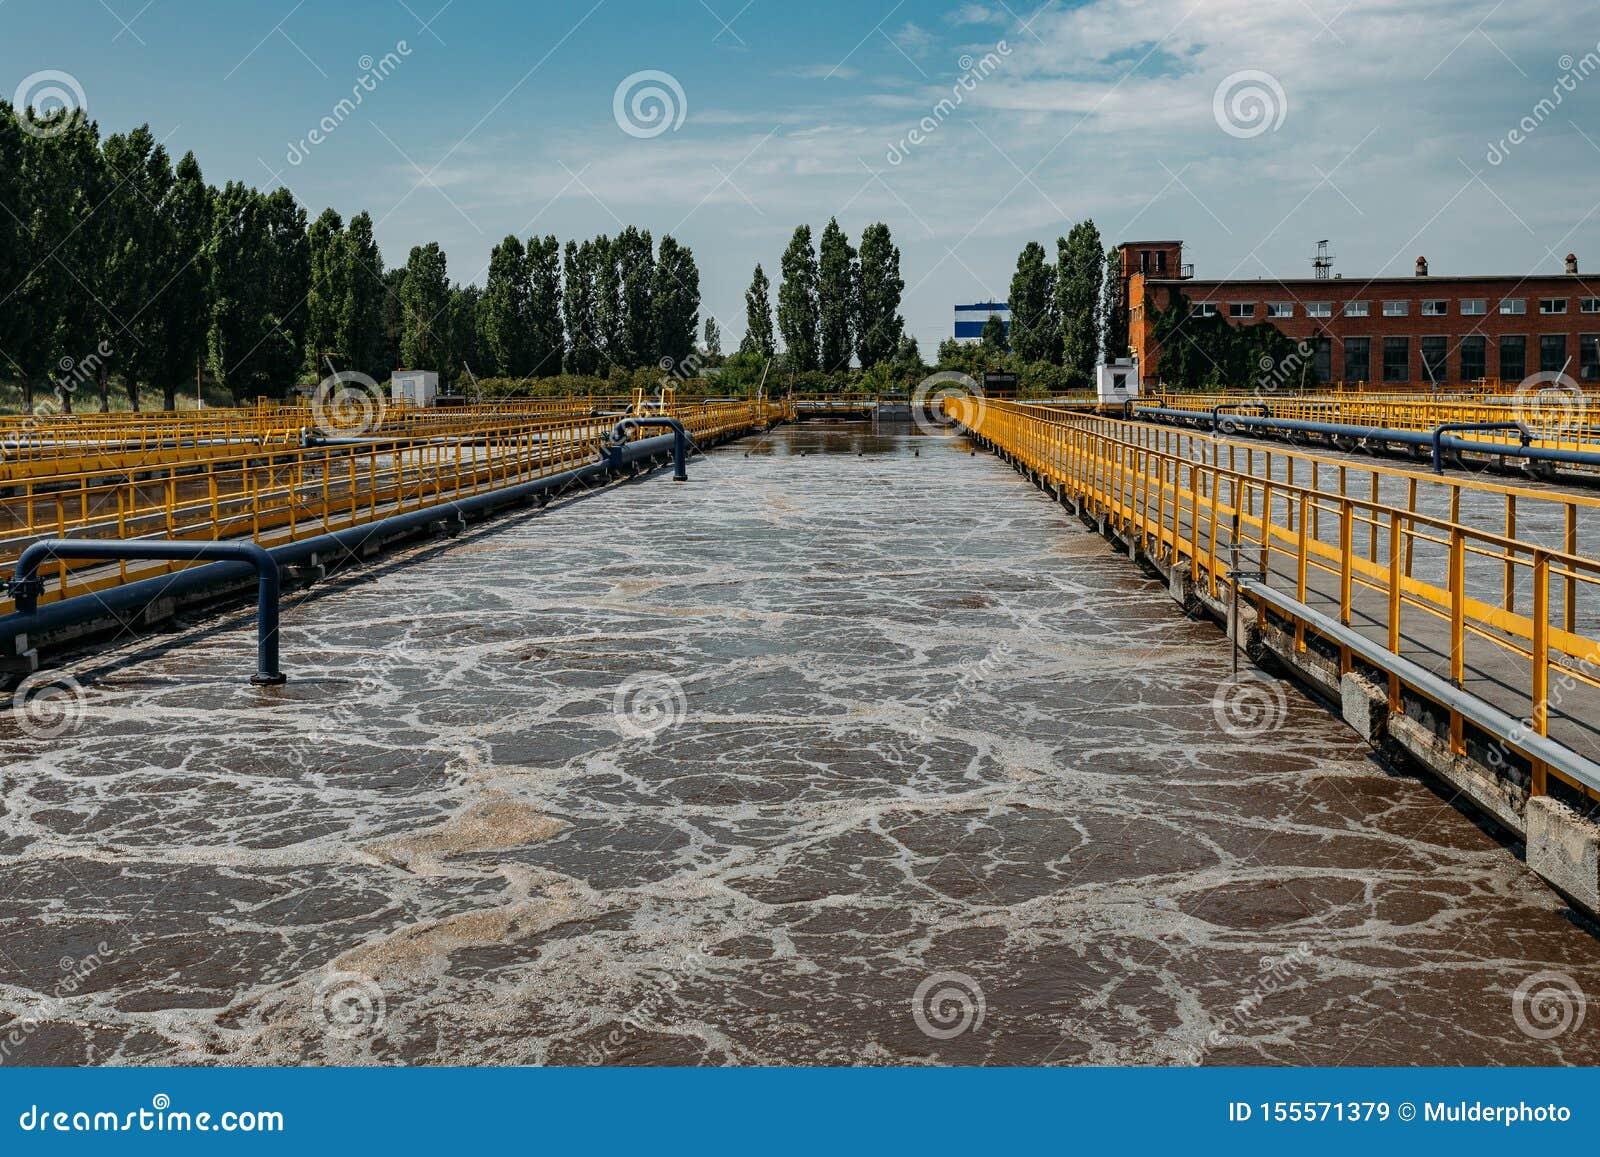 Depuradora de aguas residuales moderna Los tanques para la aireación y la purificación biológica de las aguas residuales